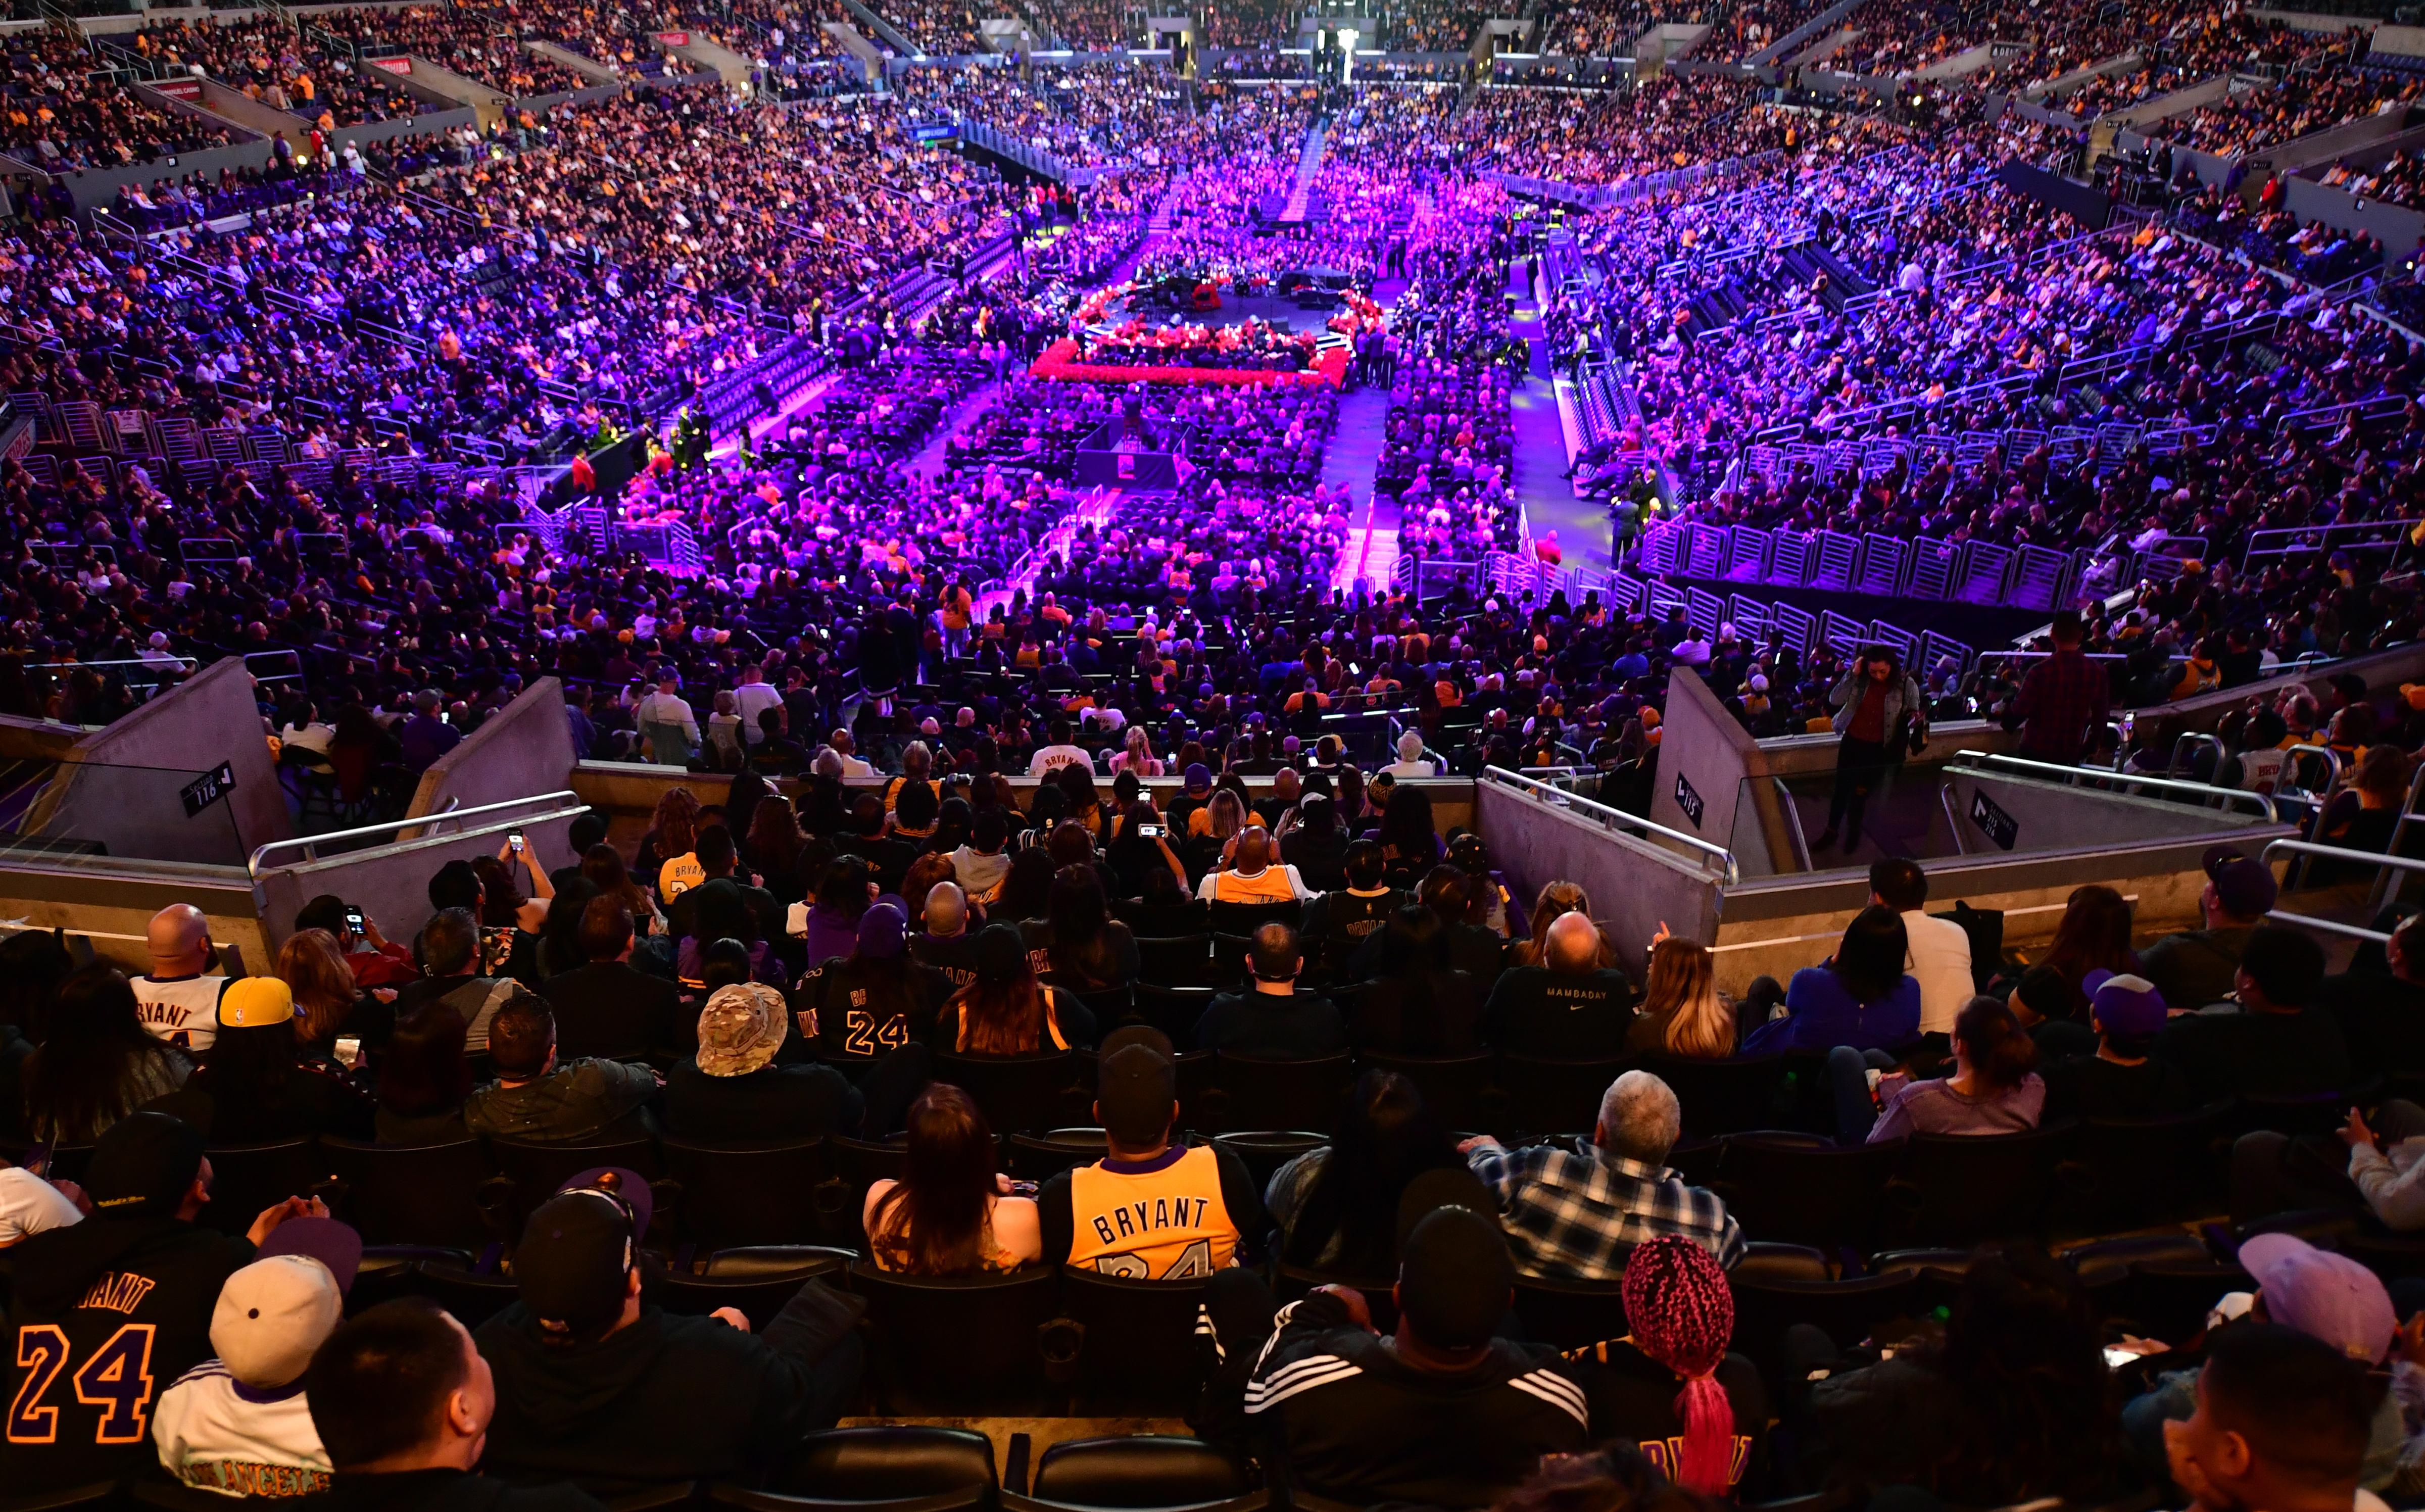 Több tízezren emlékeztek Kobe Bryantre, Michael Jordan könnyes szemmel mondott beszédet